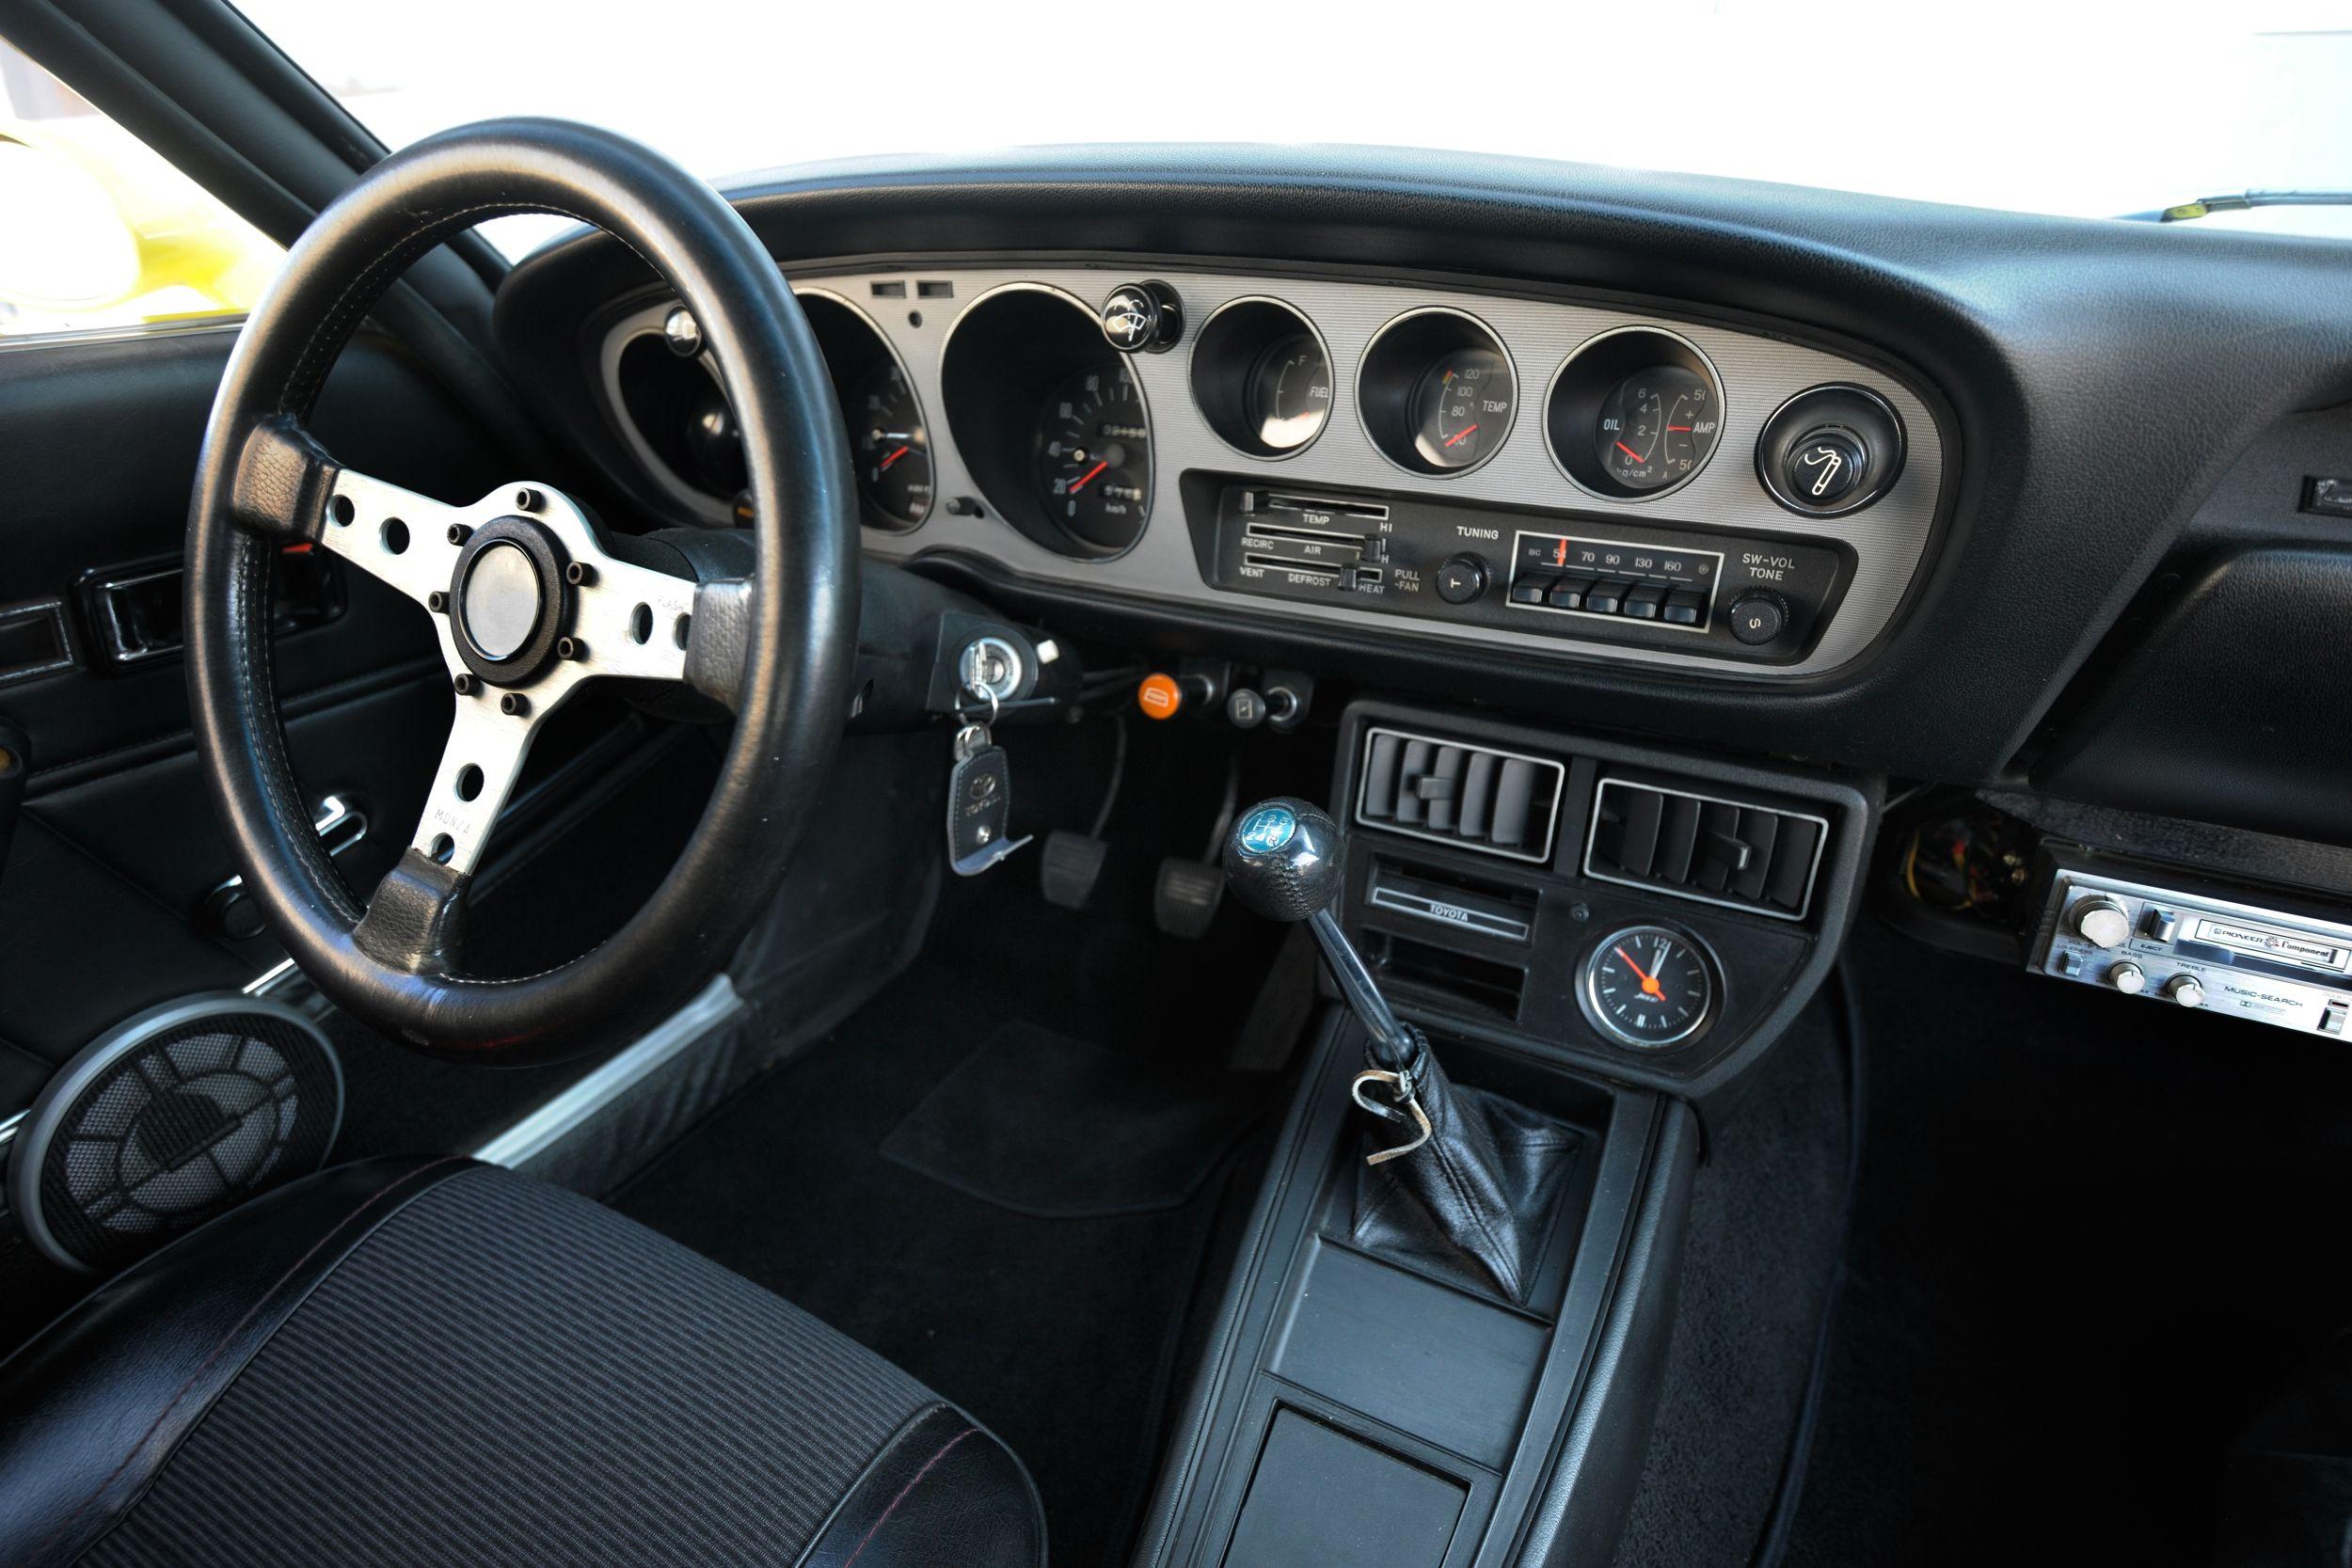 Toyota Celica Gt Radicalmag 1973 Acht Zylinder Hatte Natrlich Nicht Zu Bieten Die Kundschaft Musste Mit Deren Vier Auskommen Und Erste Version Ihrem Nur Gerade 79 Ps